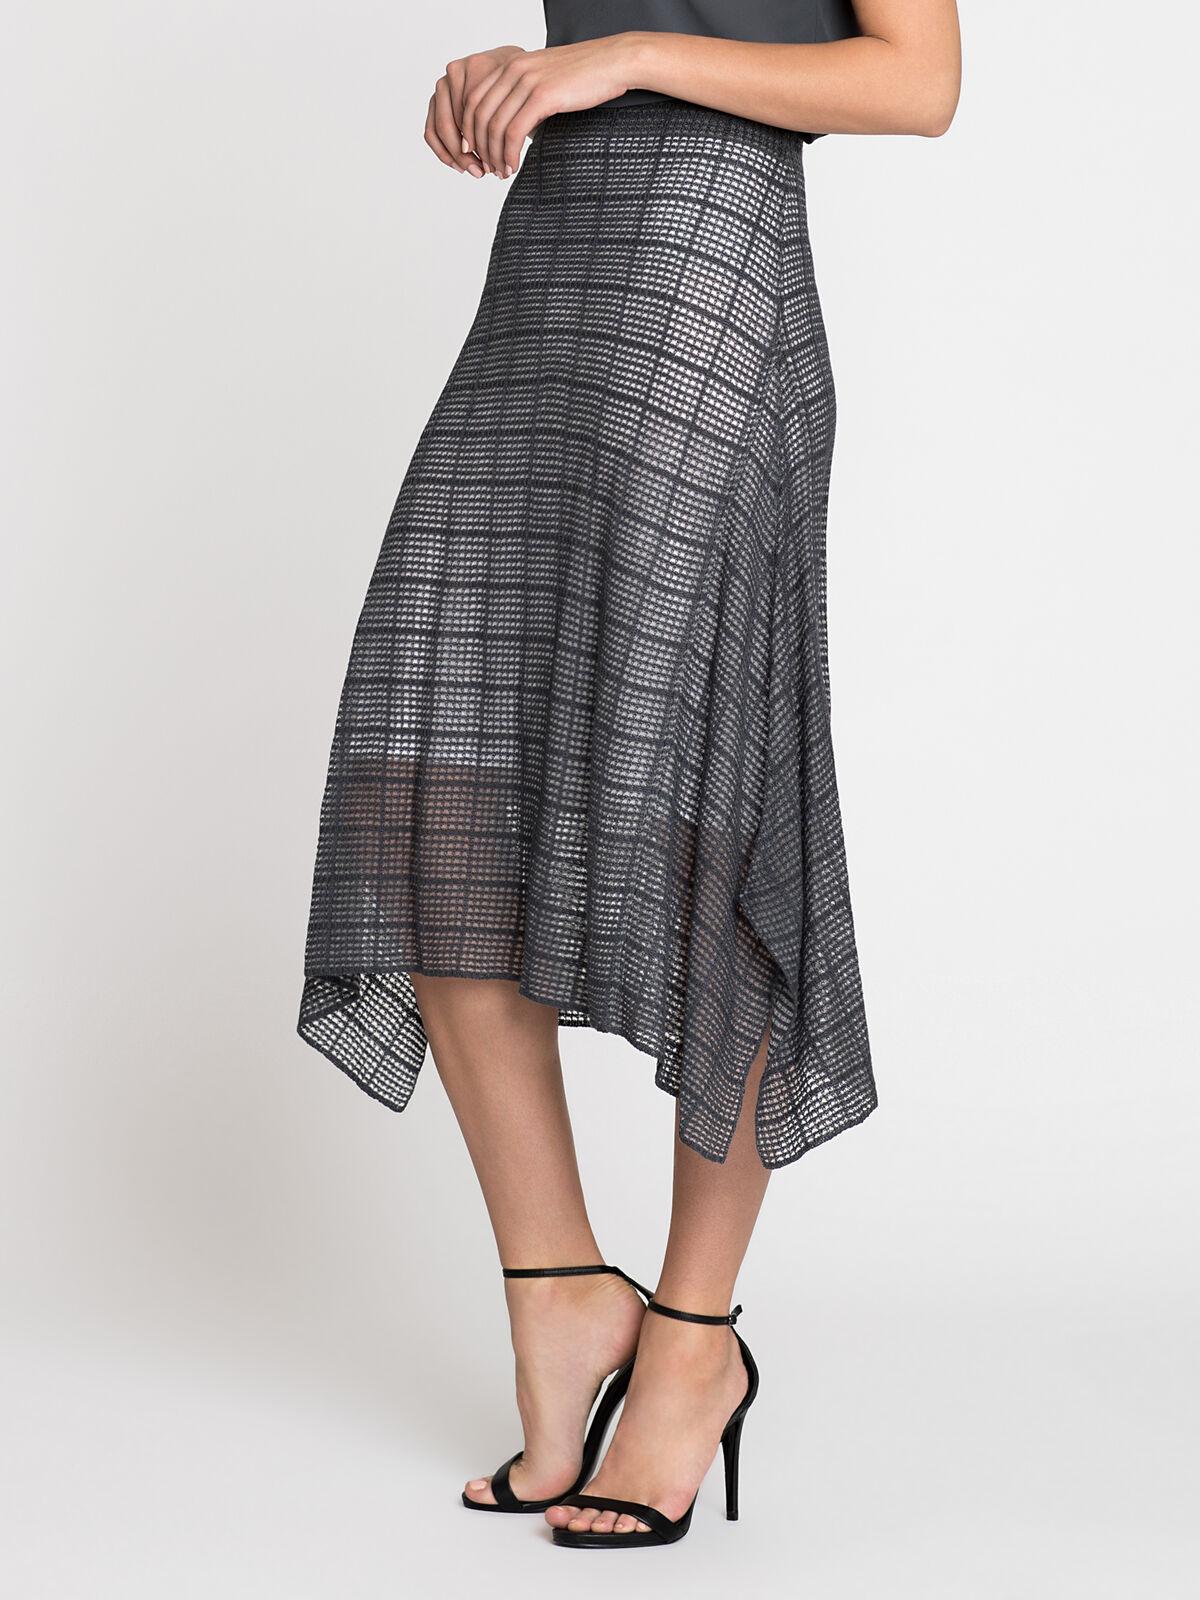 Elegance Skirt